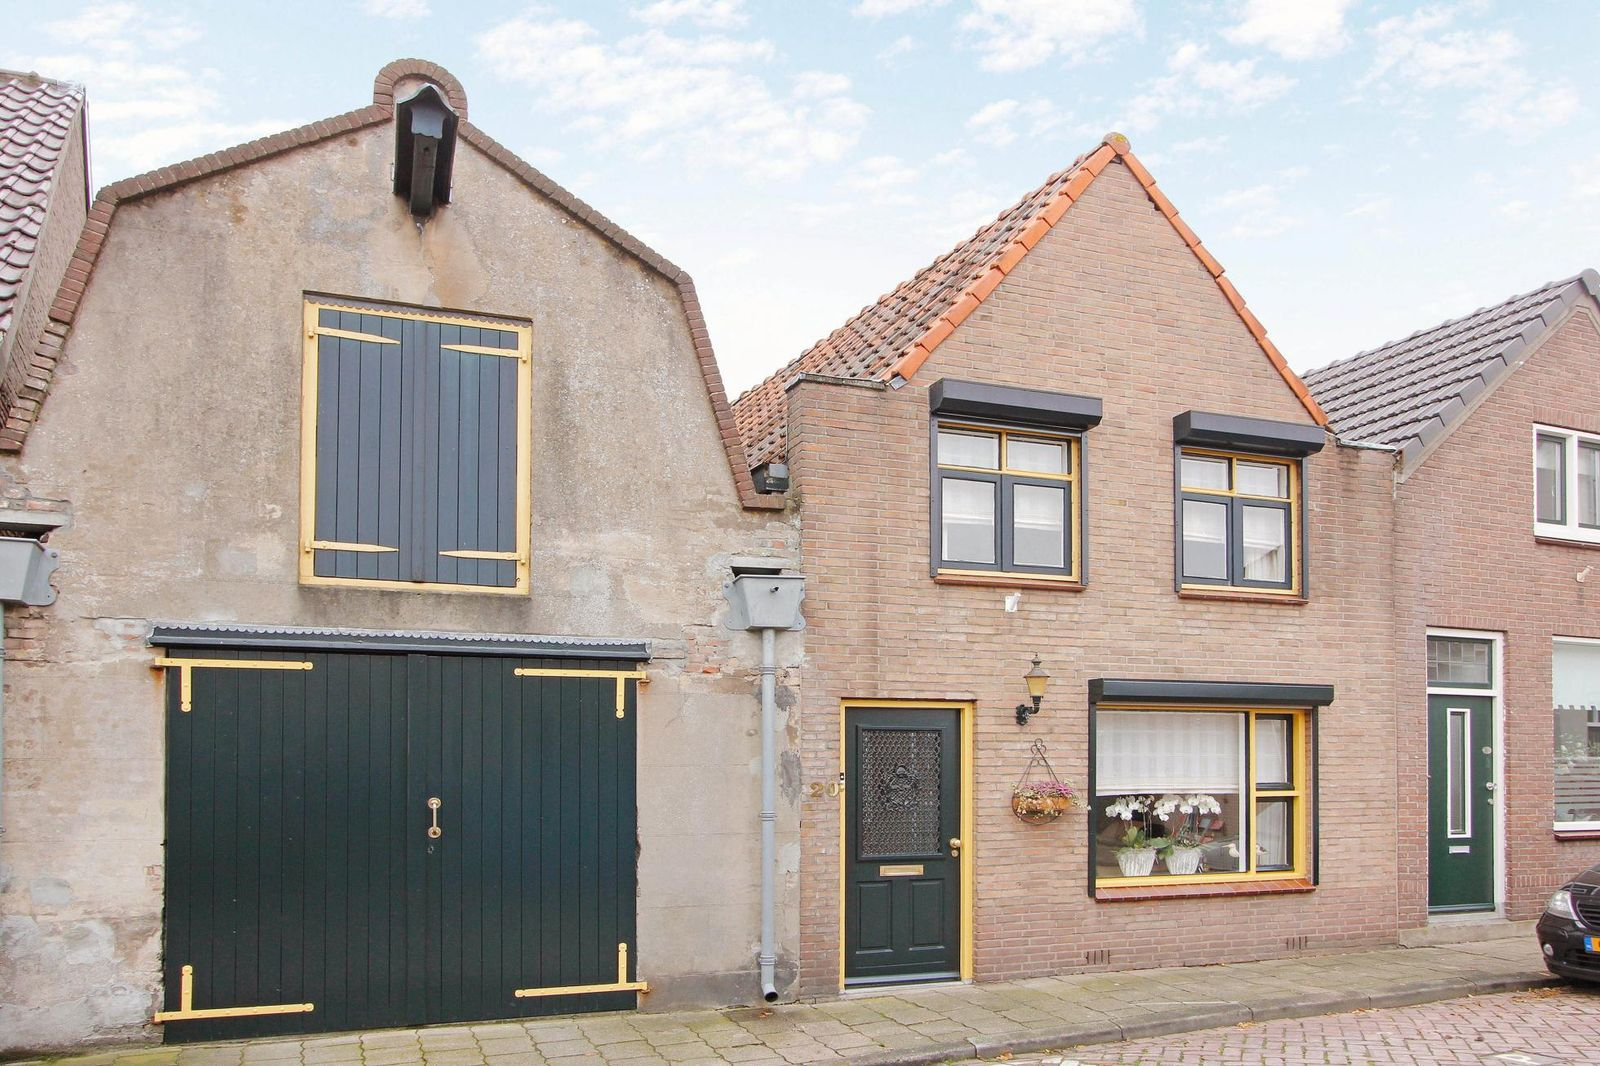 Karstraat 20, Zaltbommel